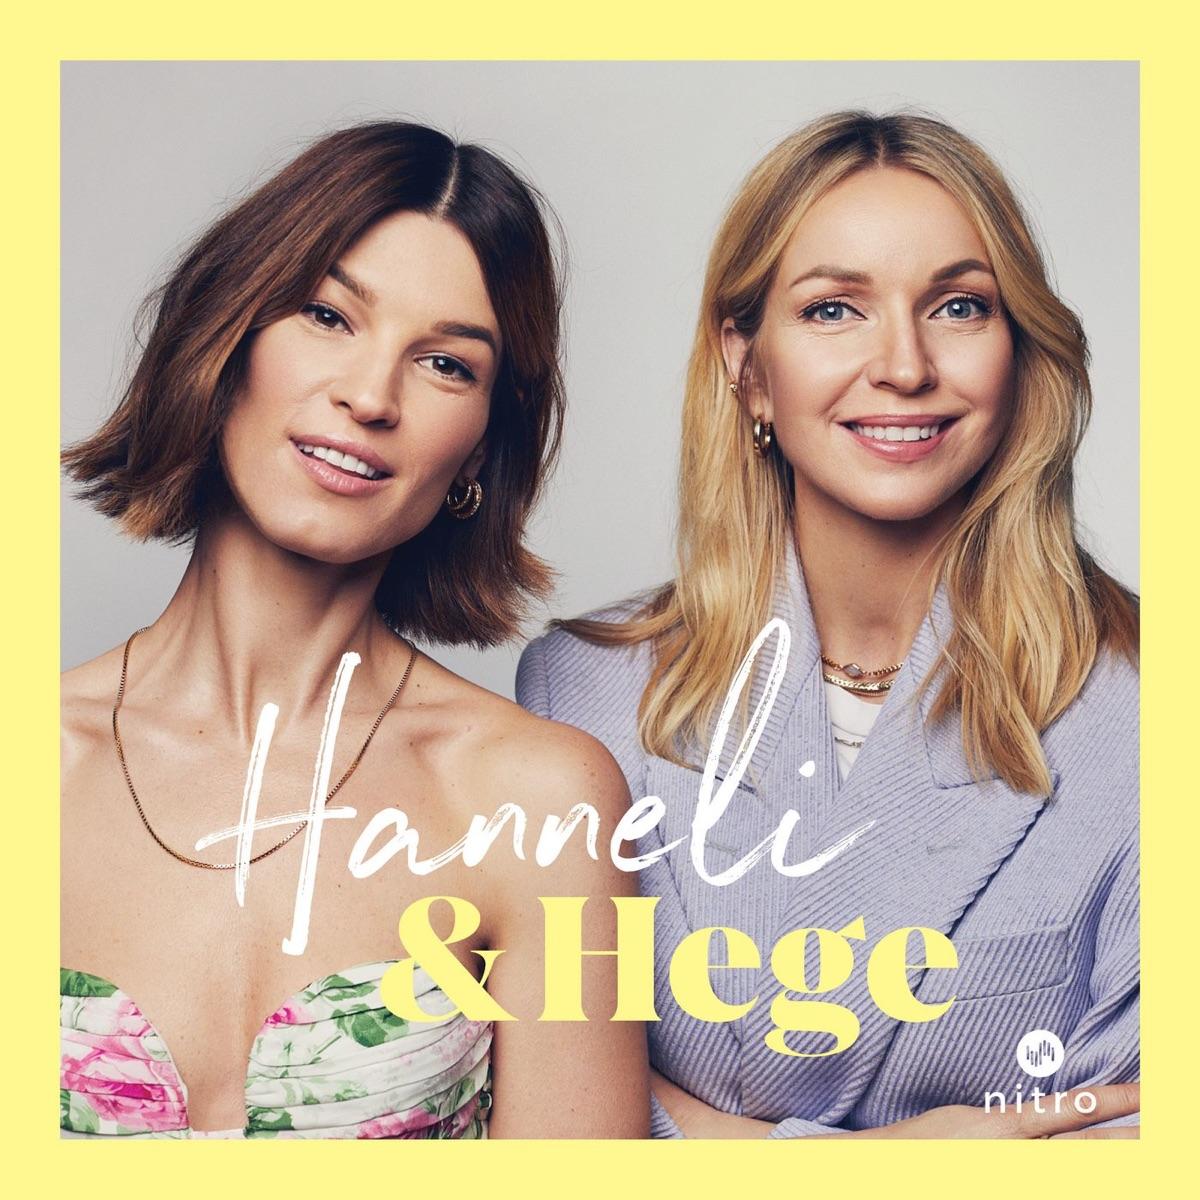 Hanneli & Hege